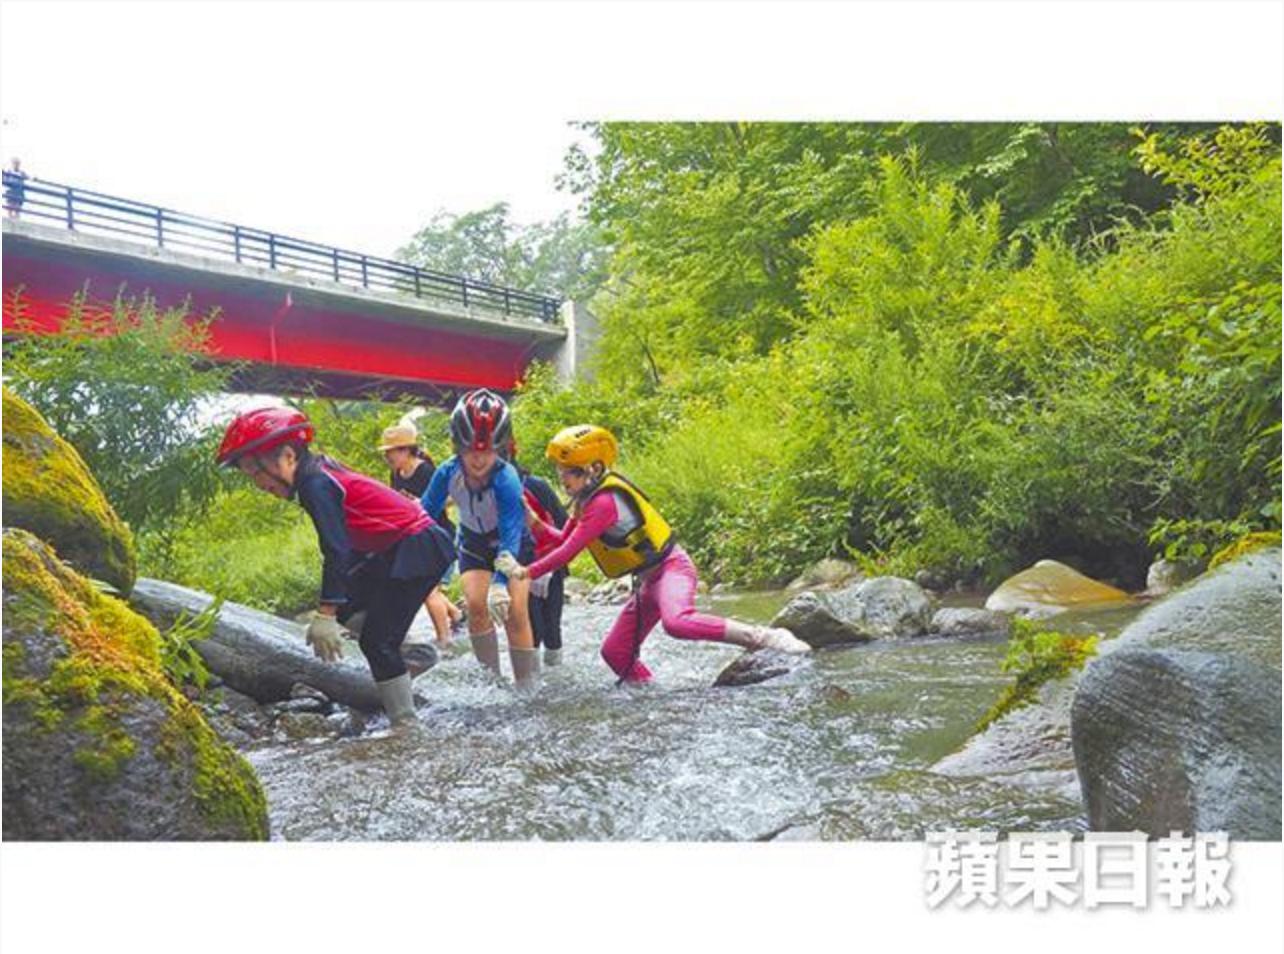 [新聞]  【旅遊籽】日本小學雞玩啲乜? 鳥取森林溯溪遊